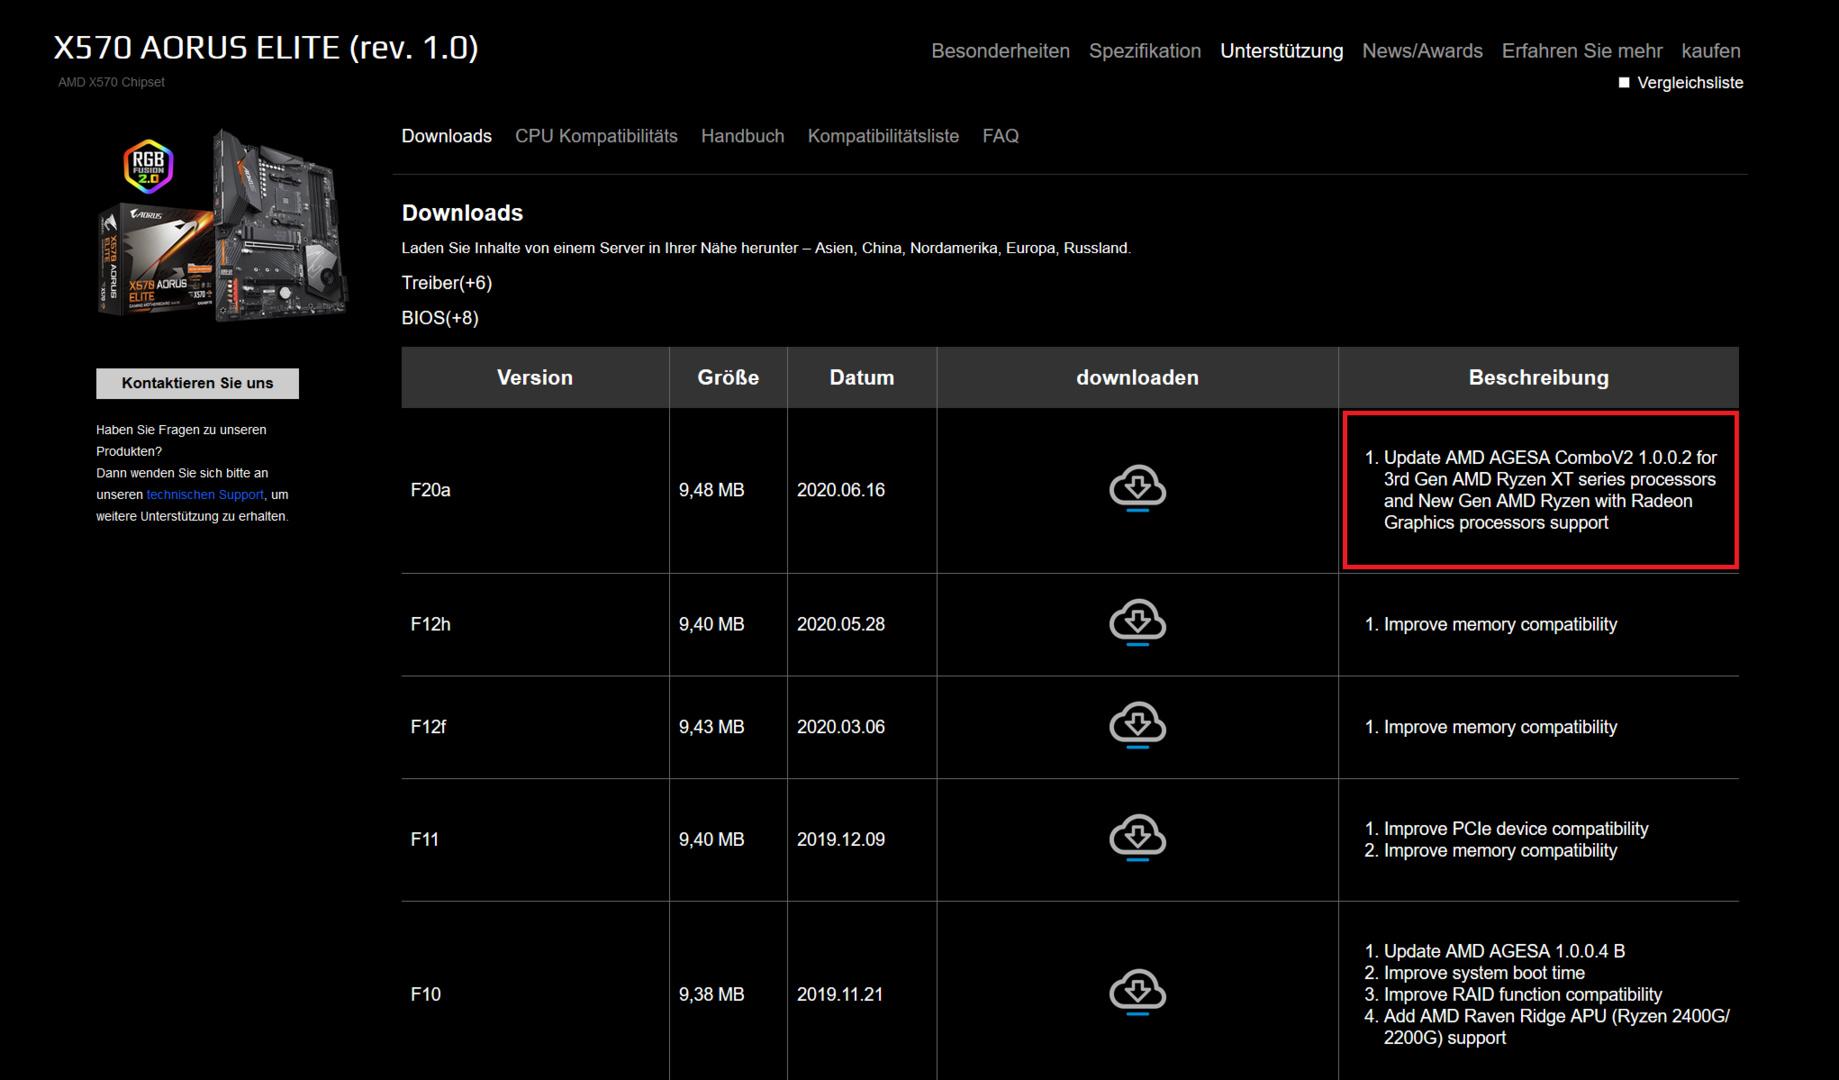 Neue BIOS-Versionen mit AMD AGESA v2 für Ryzen XT, Renoir und Zen 3